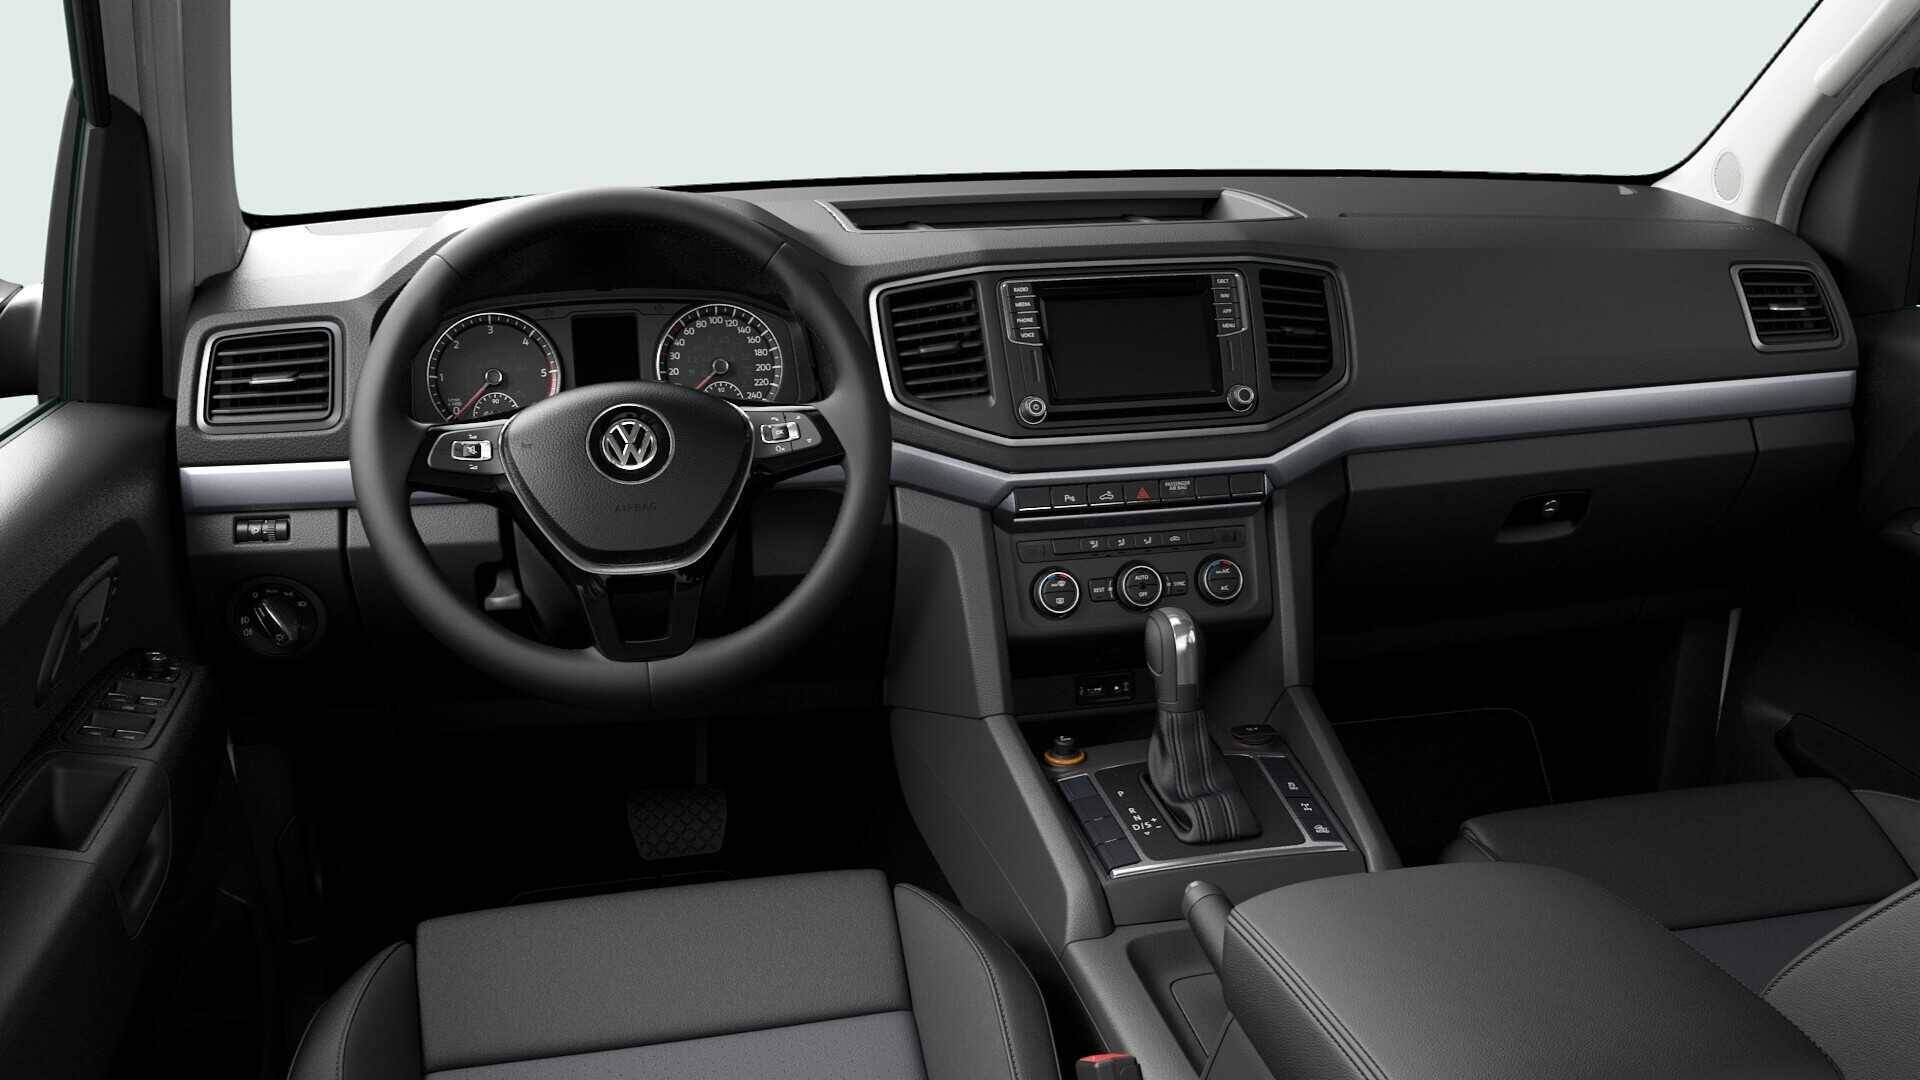 Volkswagen Amarok. Foto: Divulgação